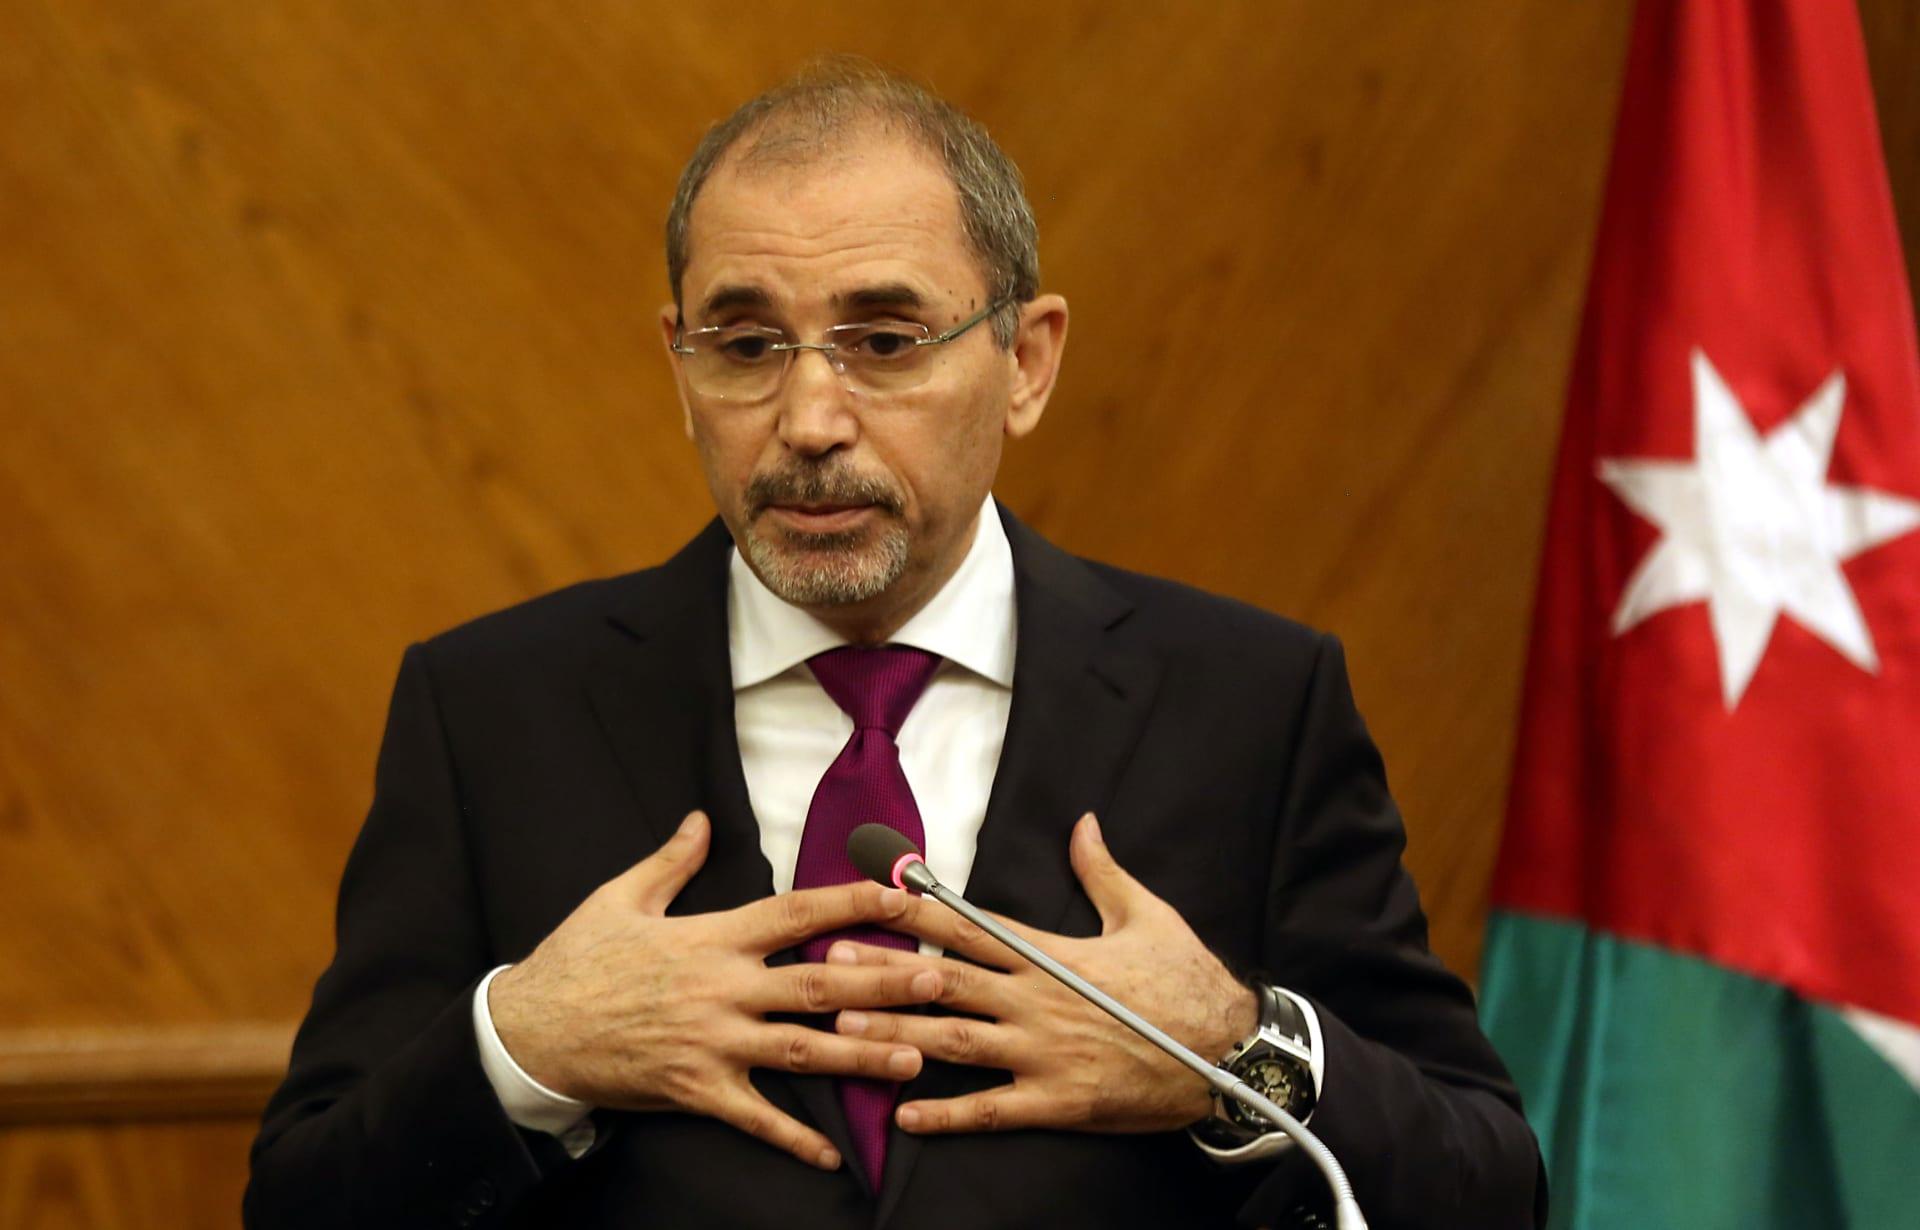 وزير الخارجية الأردني: لم تطلب إسرائيل التشاور في إنهاء ملحقي الباقورة والغمر